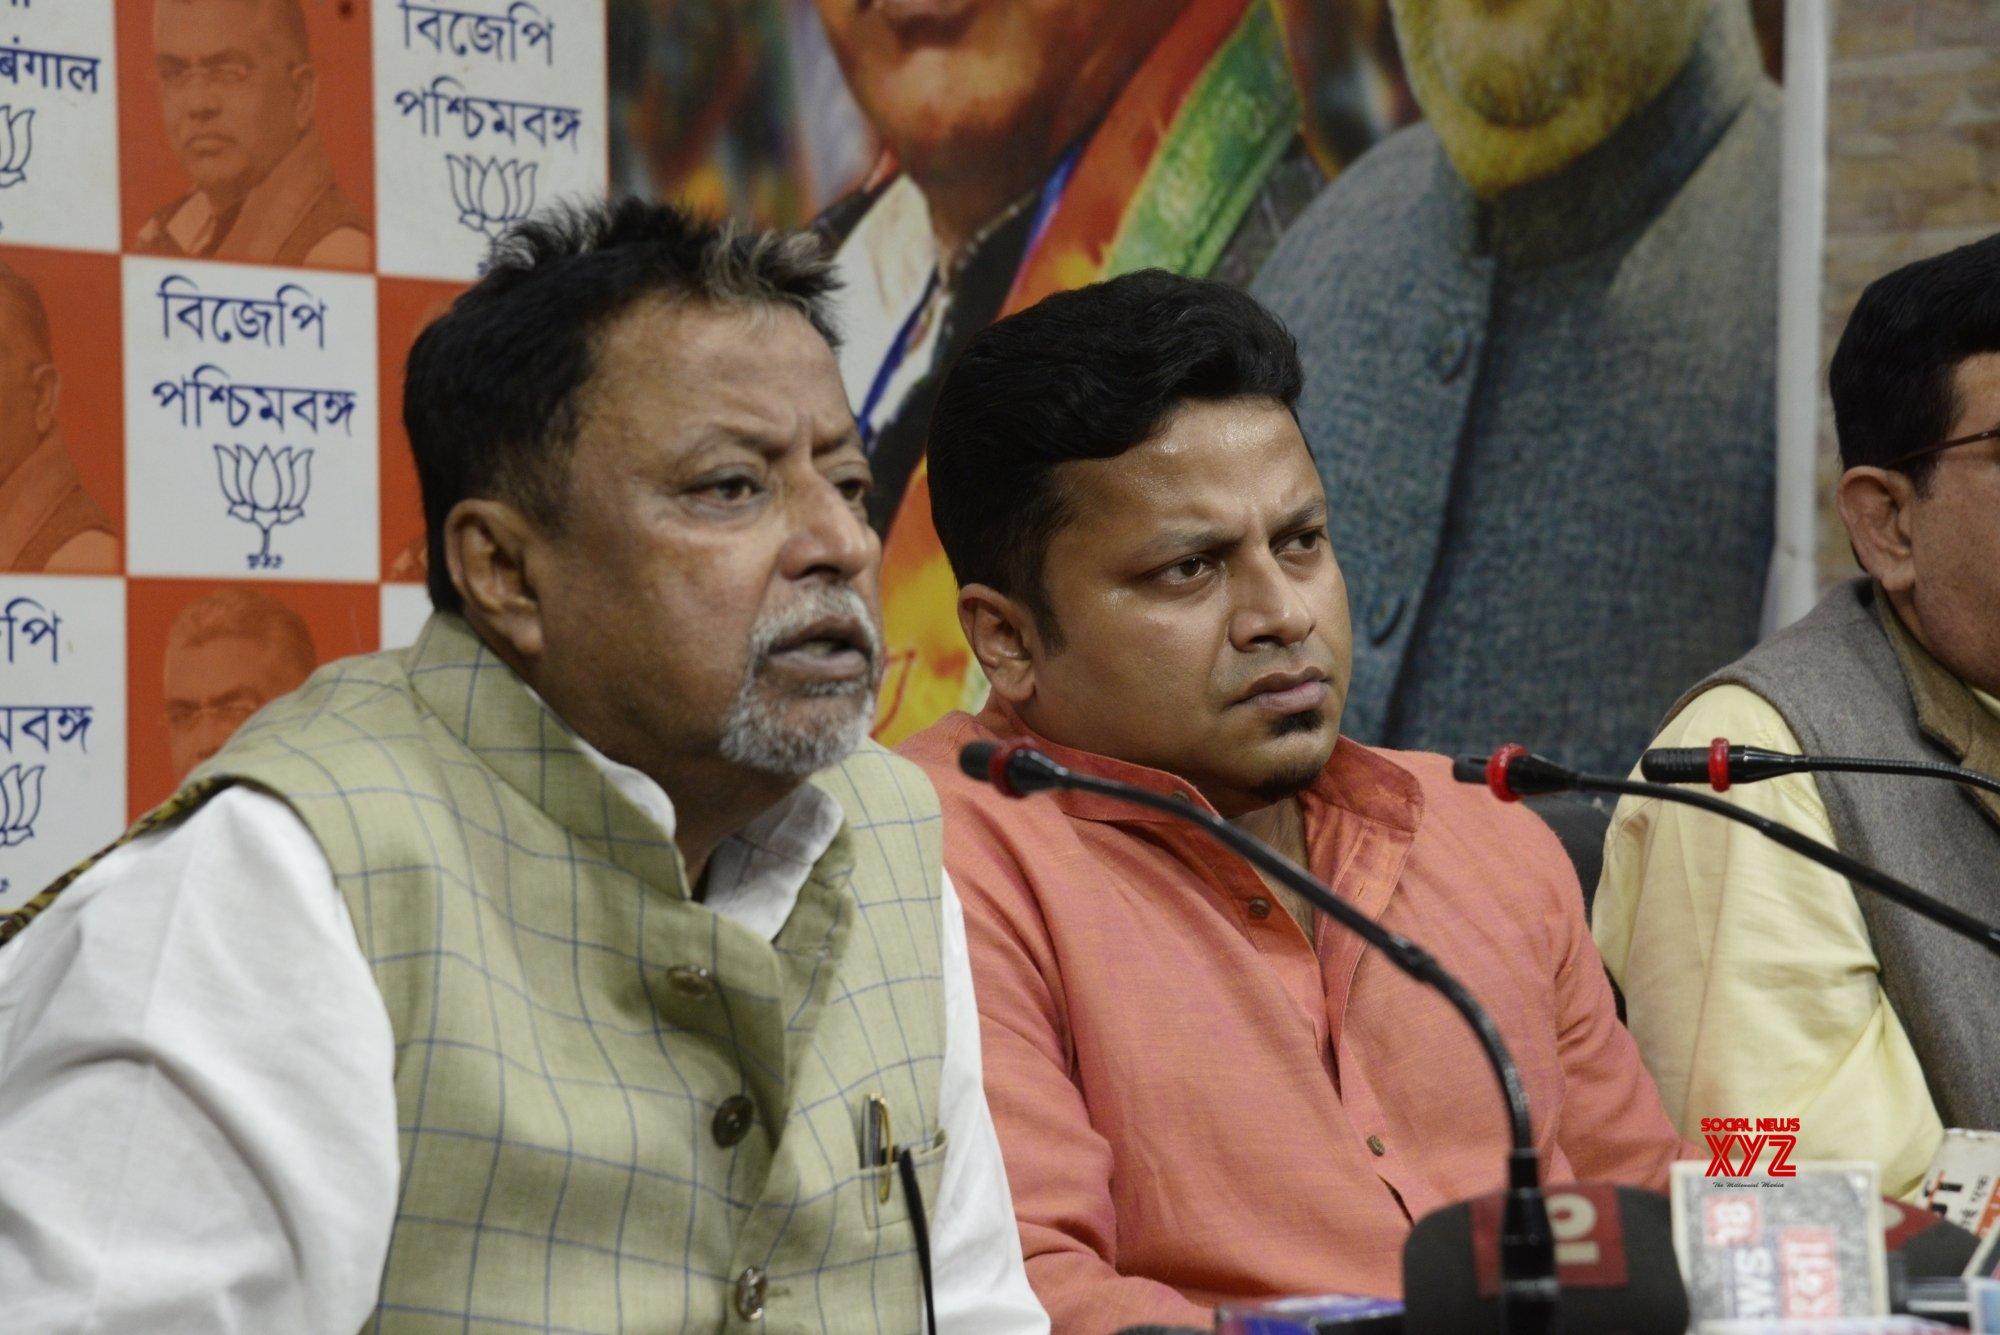 Kolkata: Mukul Roy, Anupam Hazra's press conference #Gallery